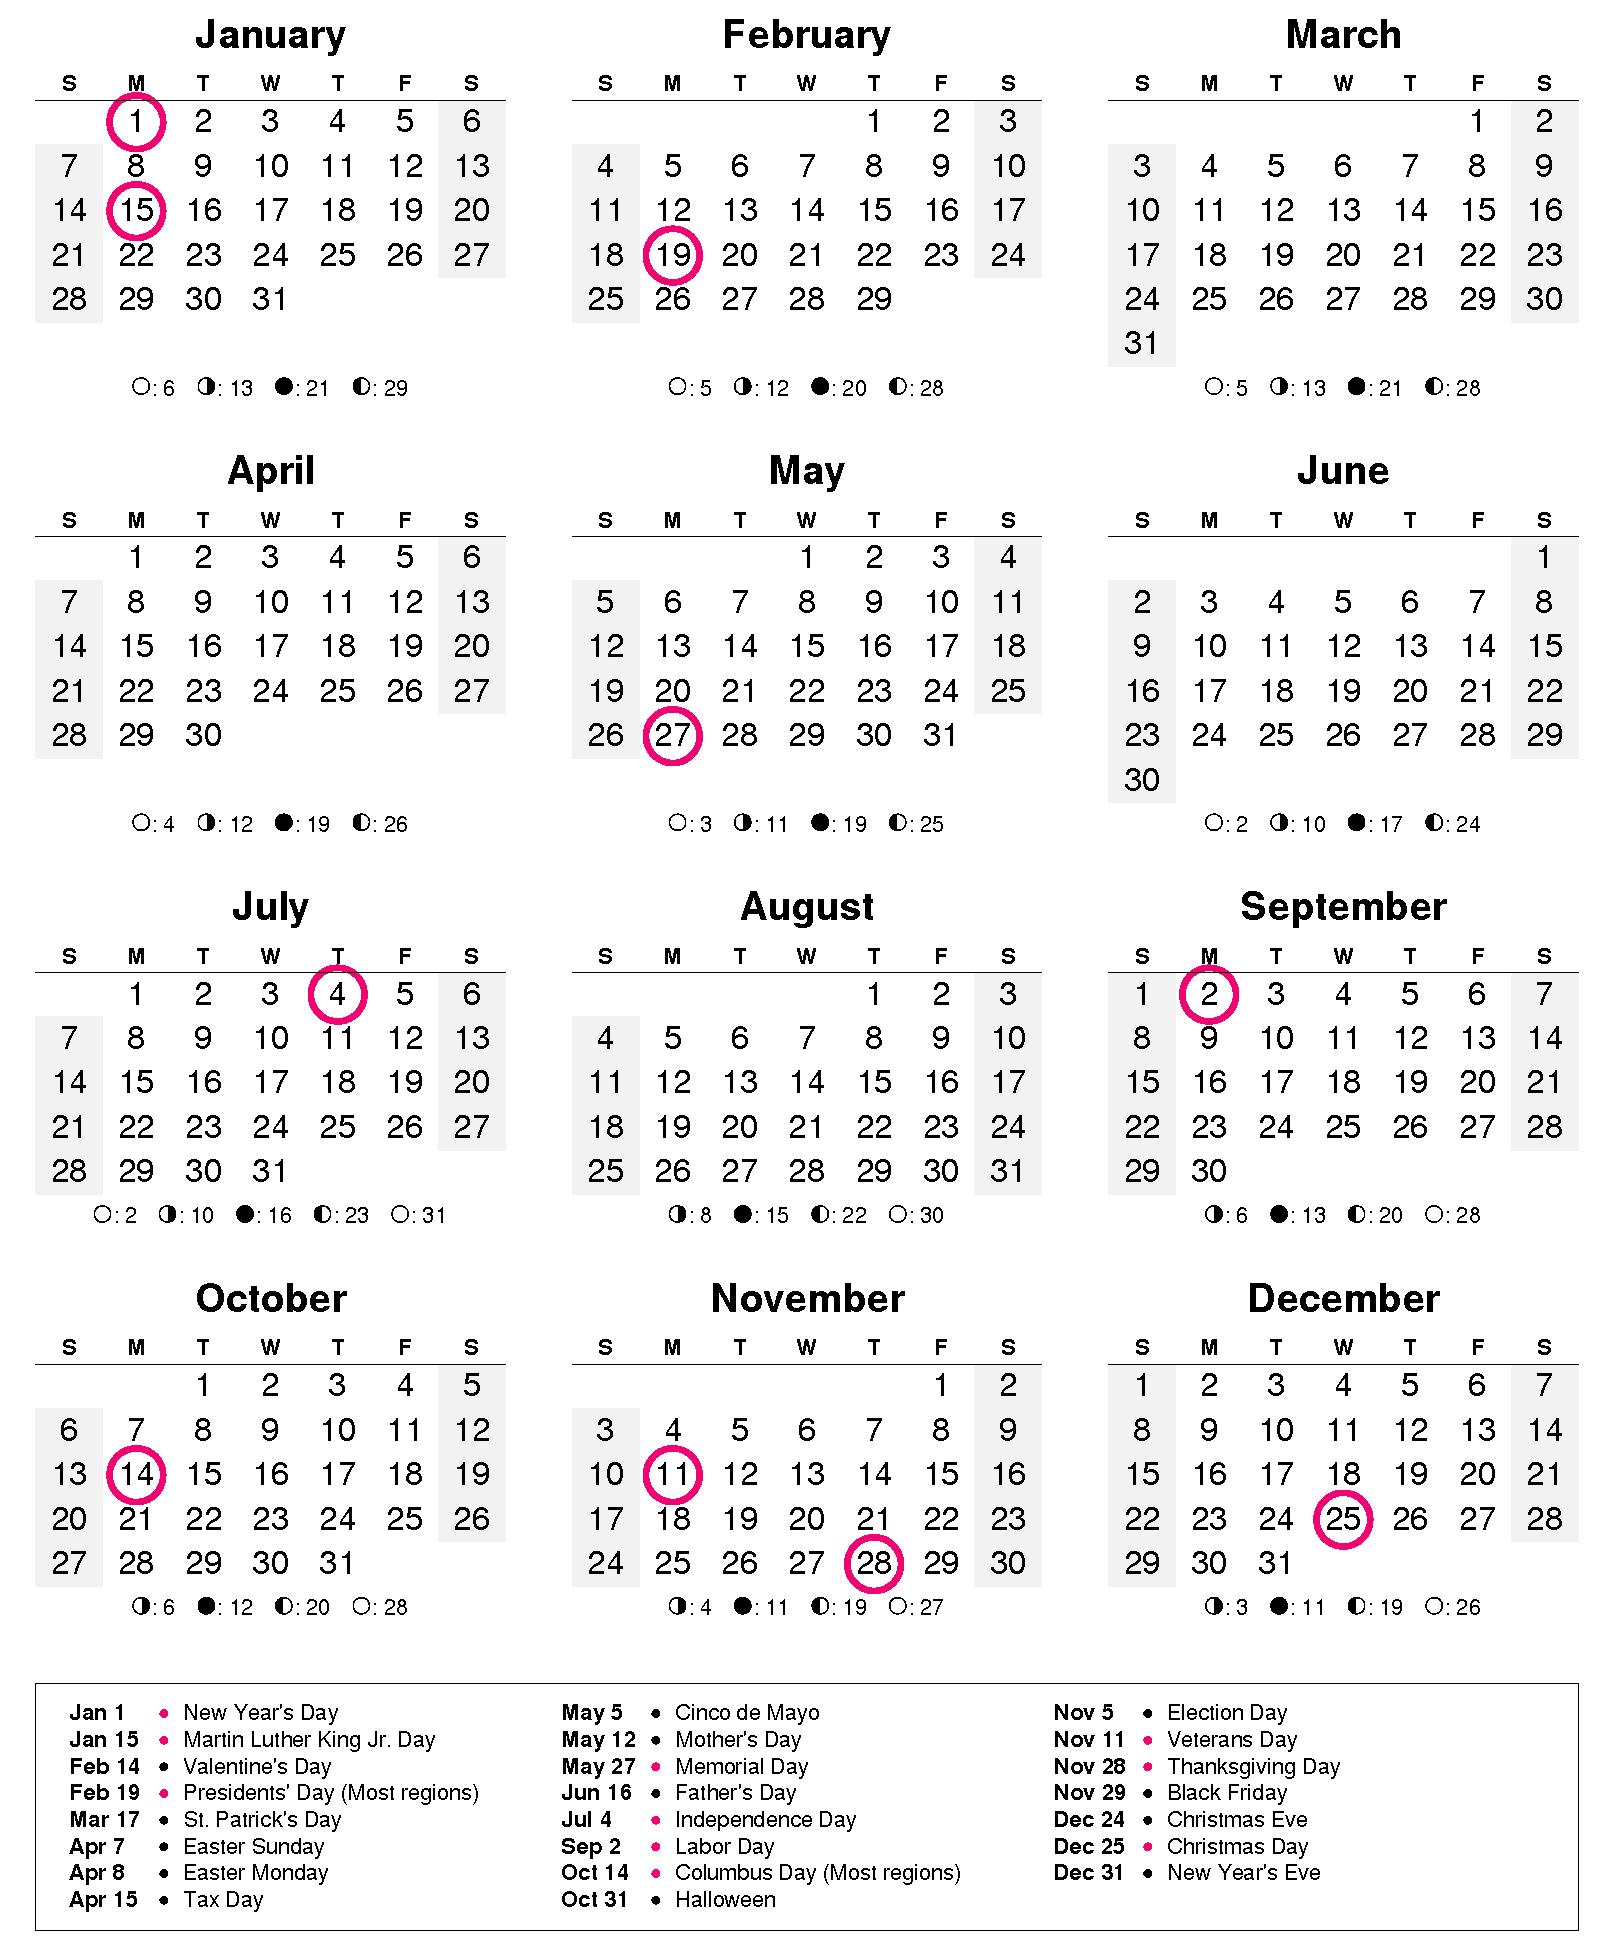 2080_Calendar.png